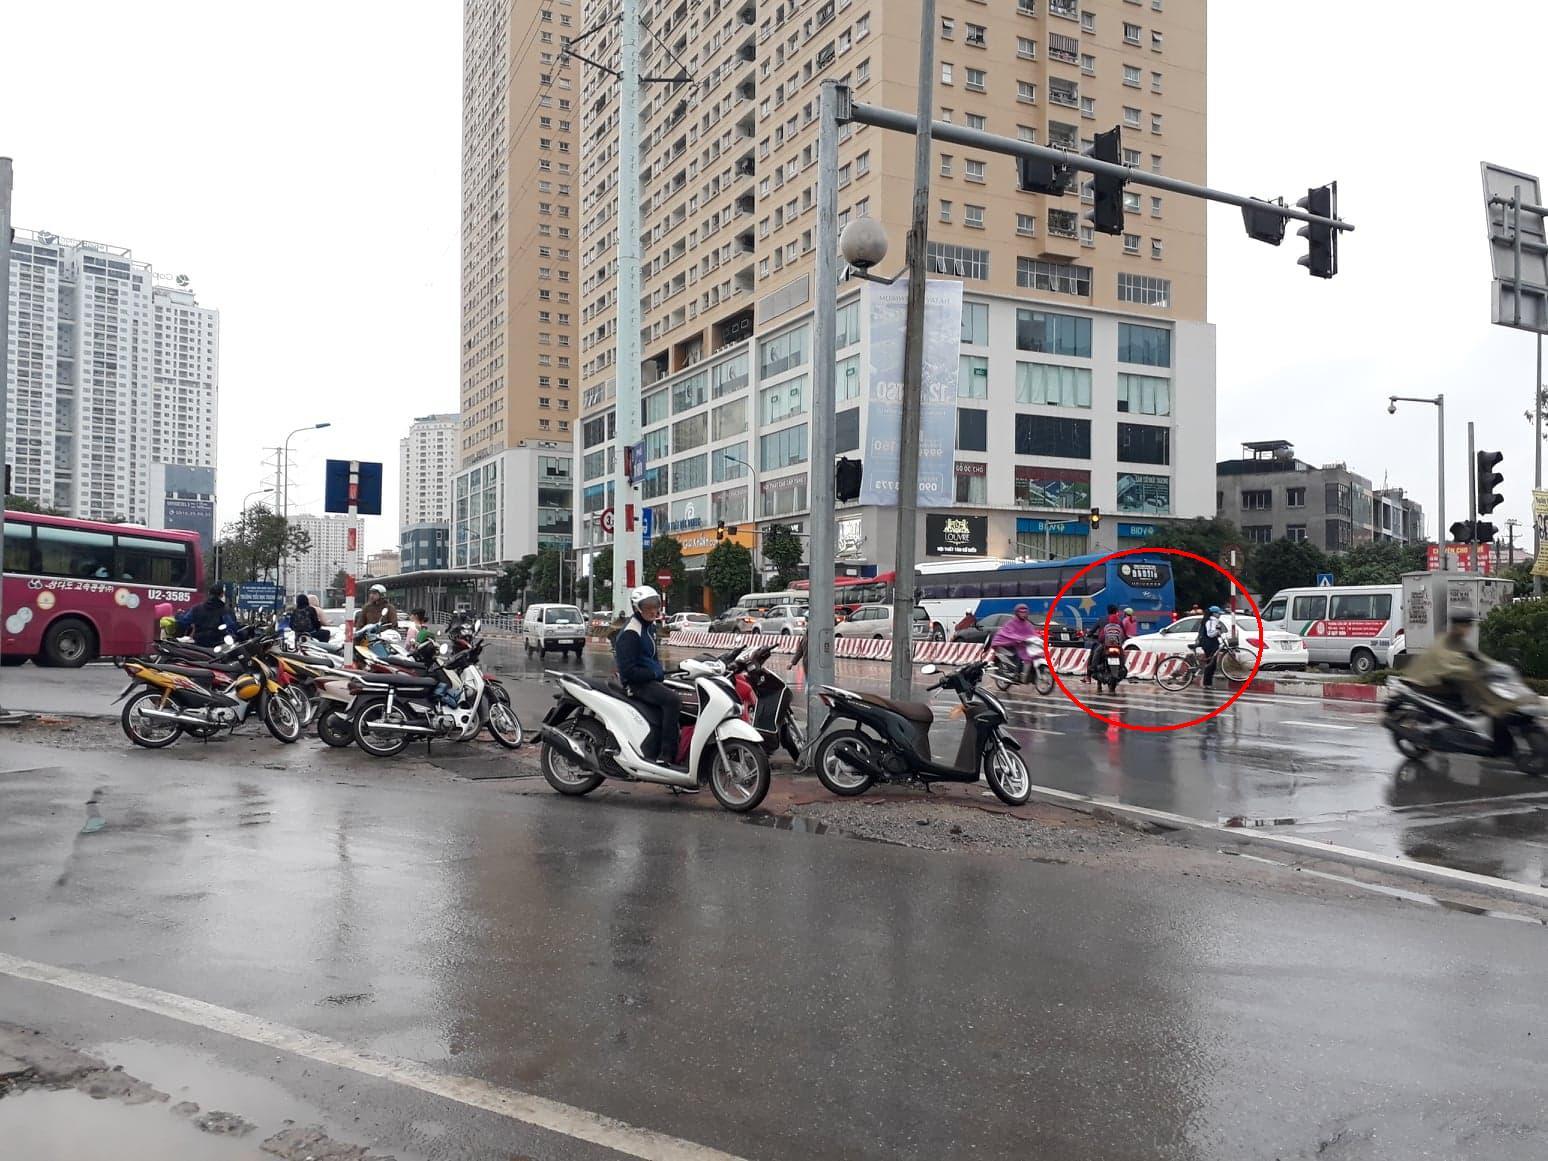 Hà Nội: Cần khắc phục những bất cập giao thông tại nút giao Trung Văn – Tố Hữu